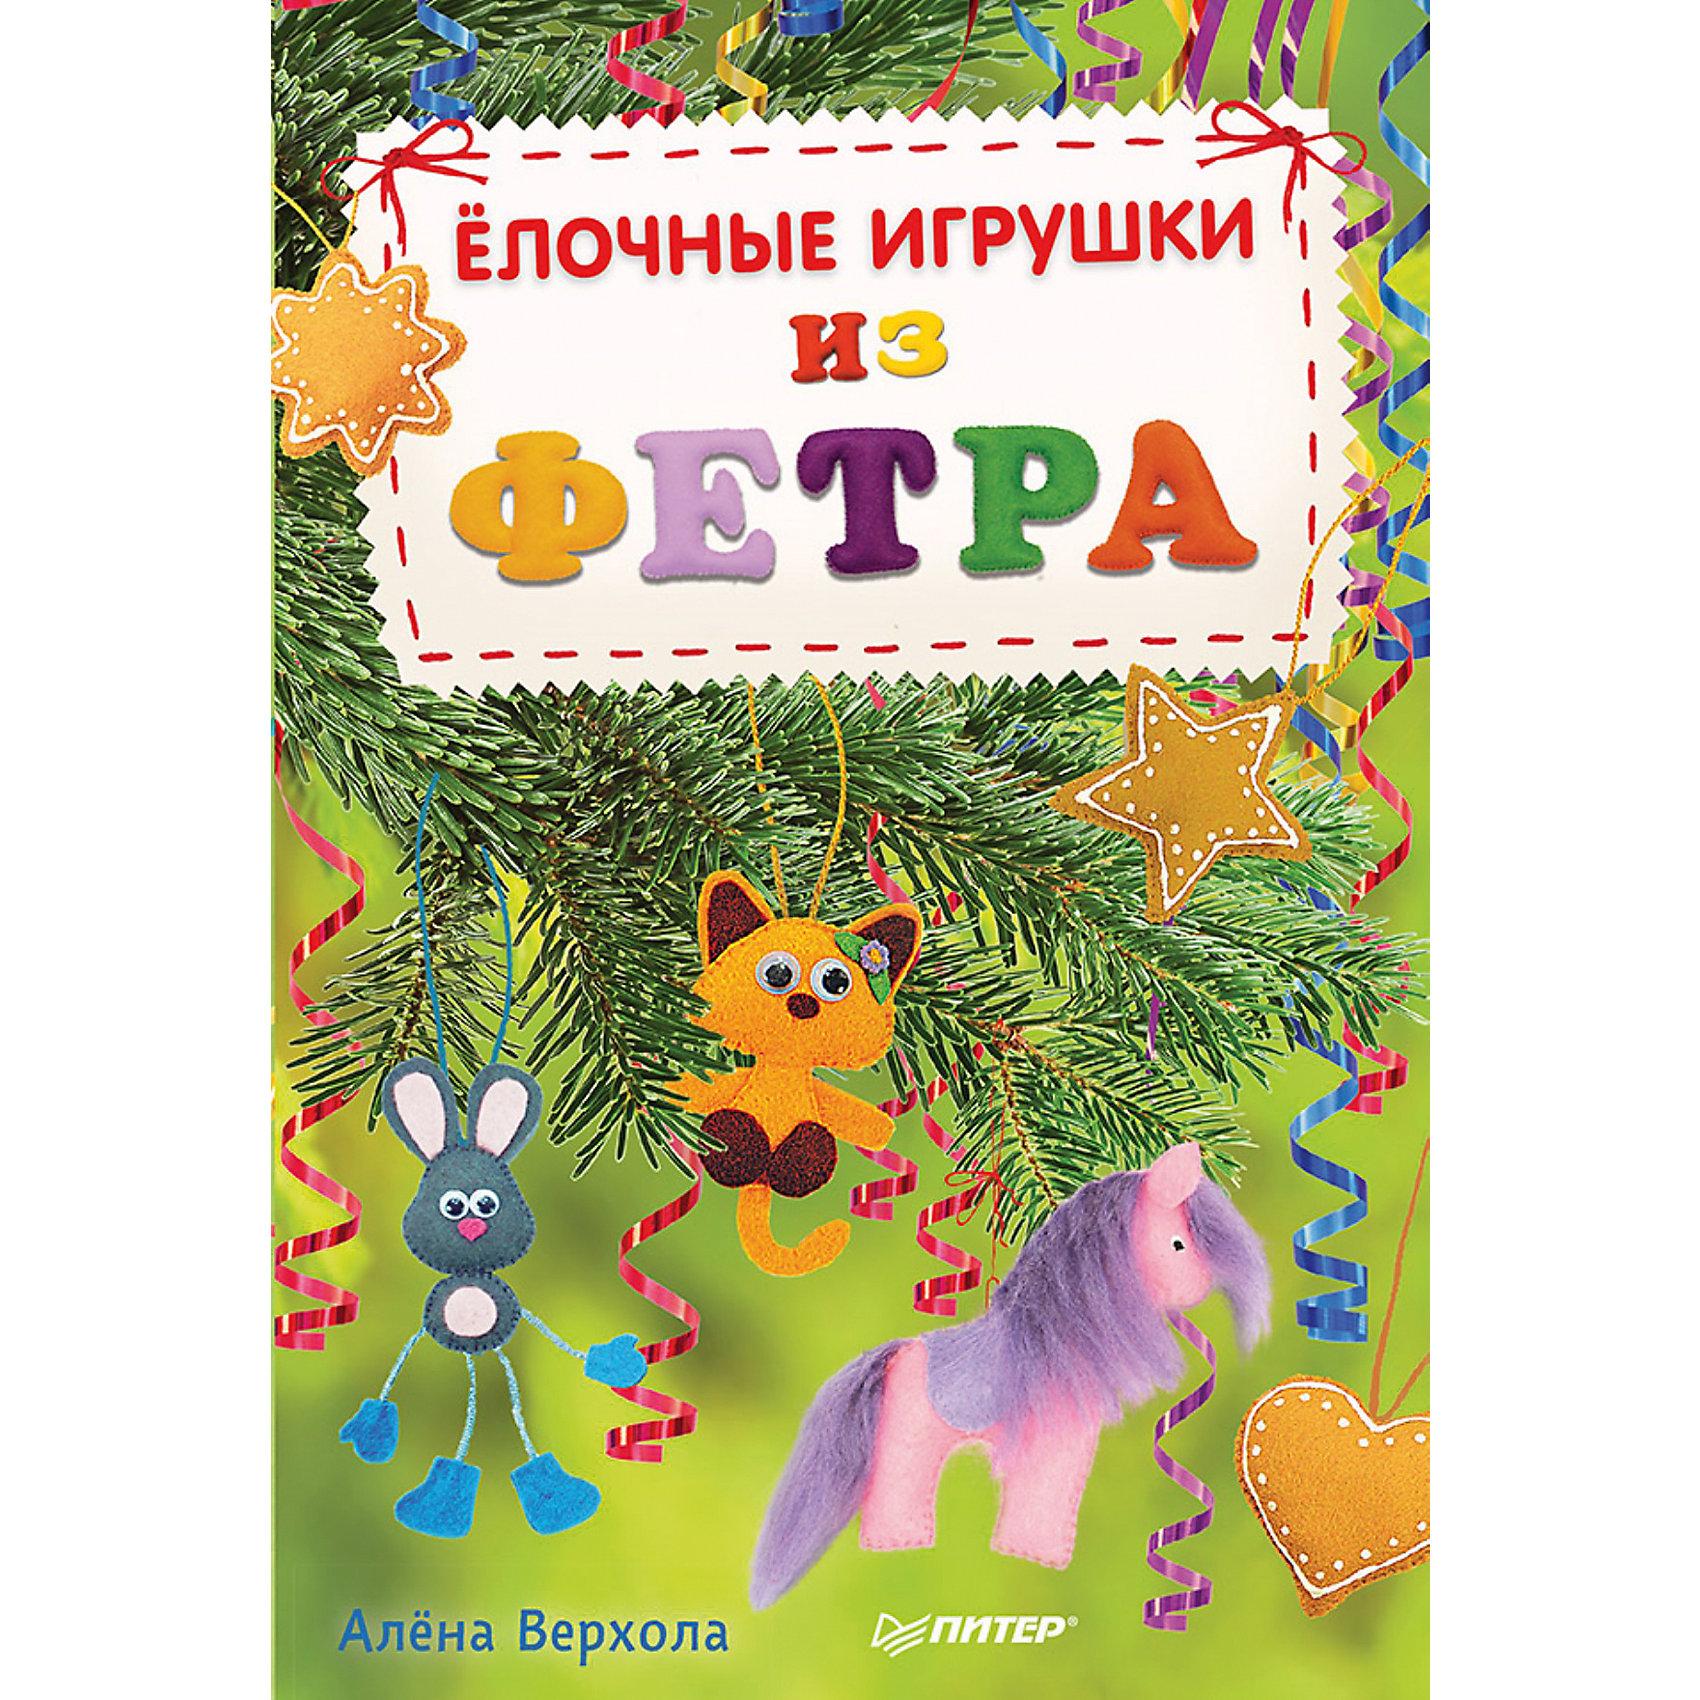 ПИТЕР Елочные игрушки из фетра, А.В. Верхола